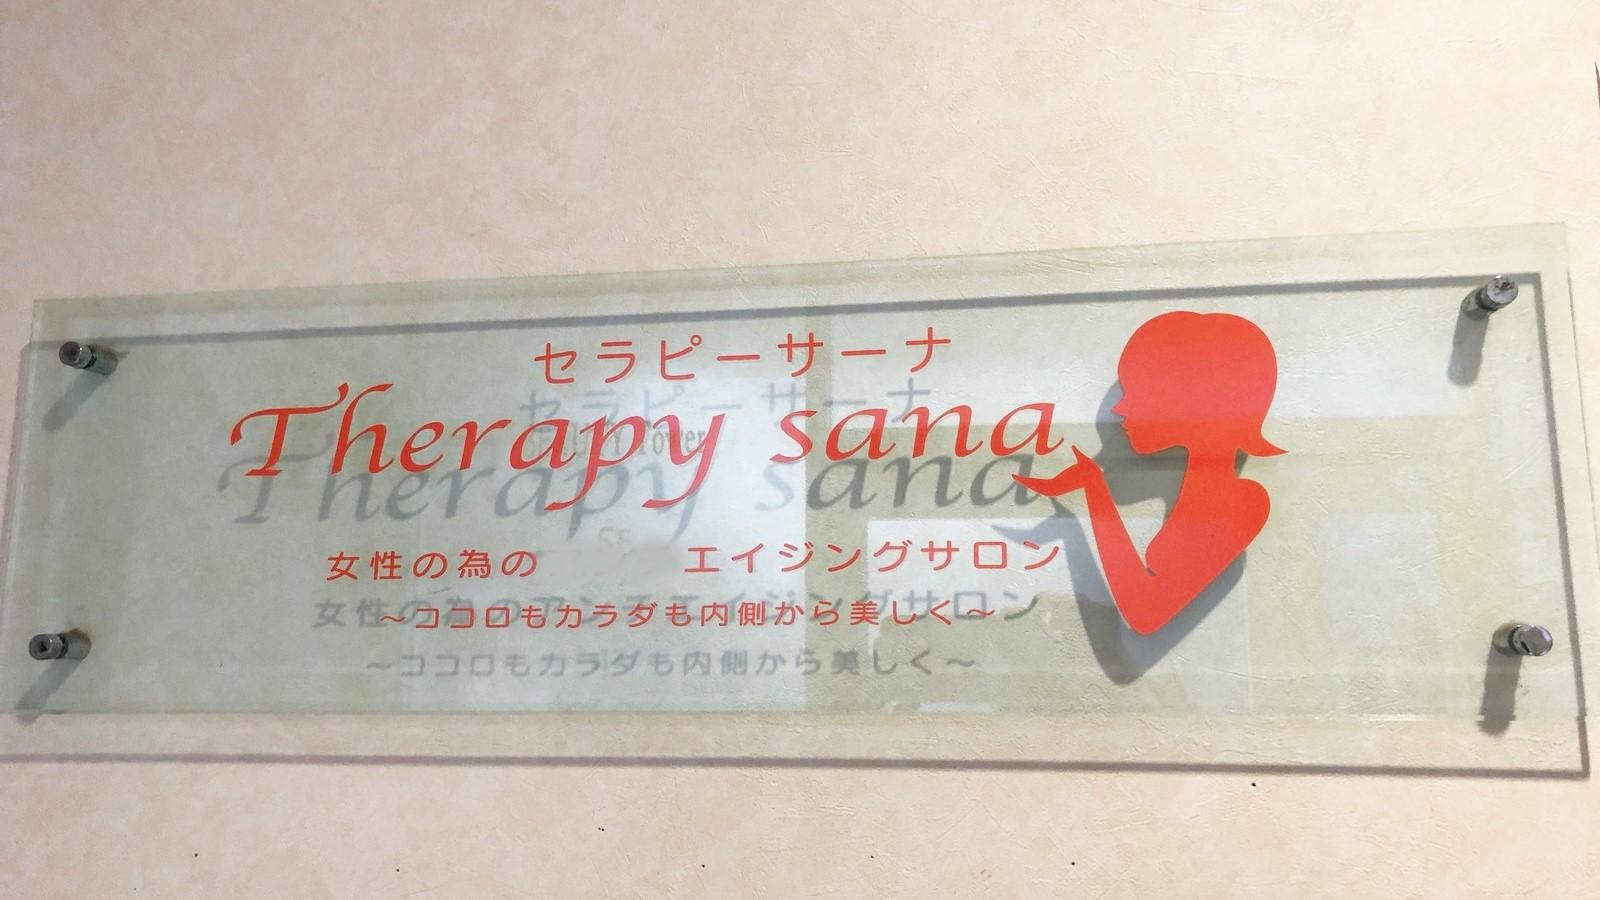 サーナ治療院